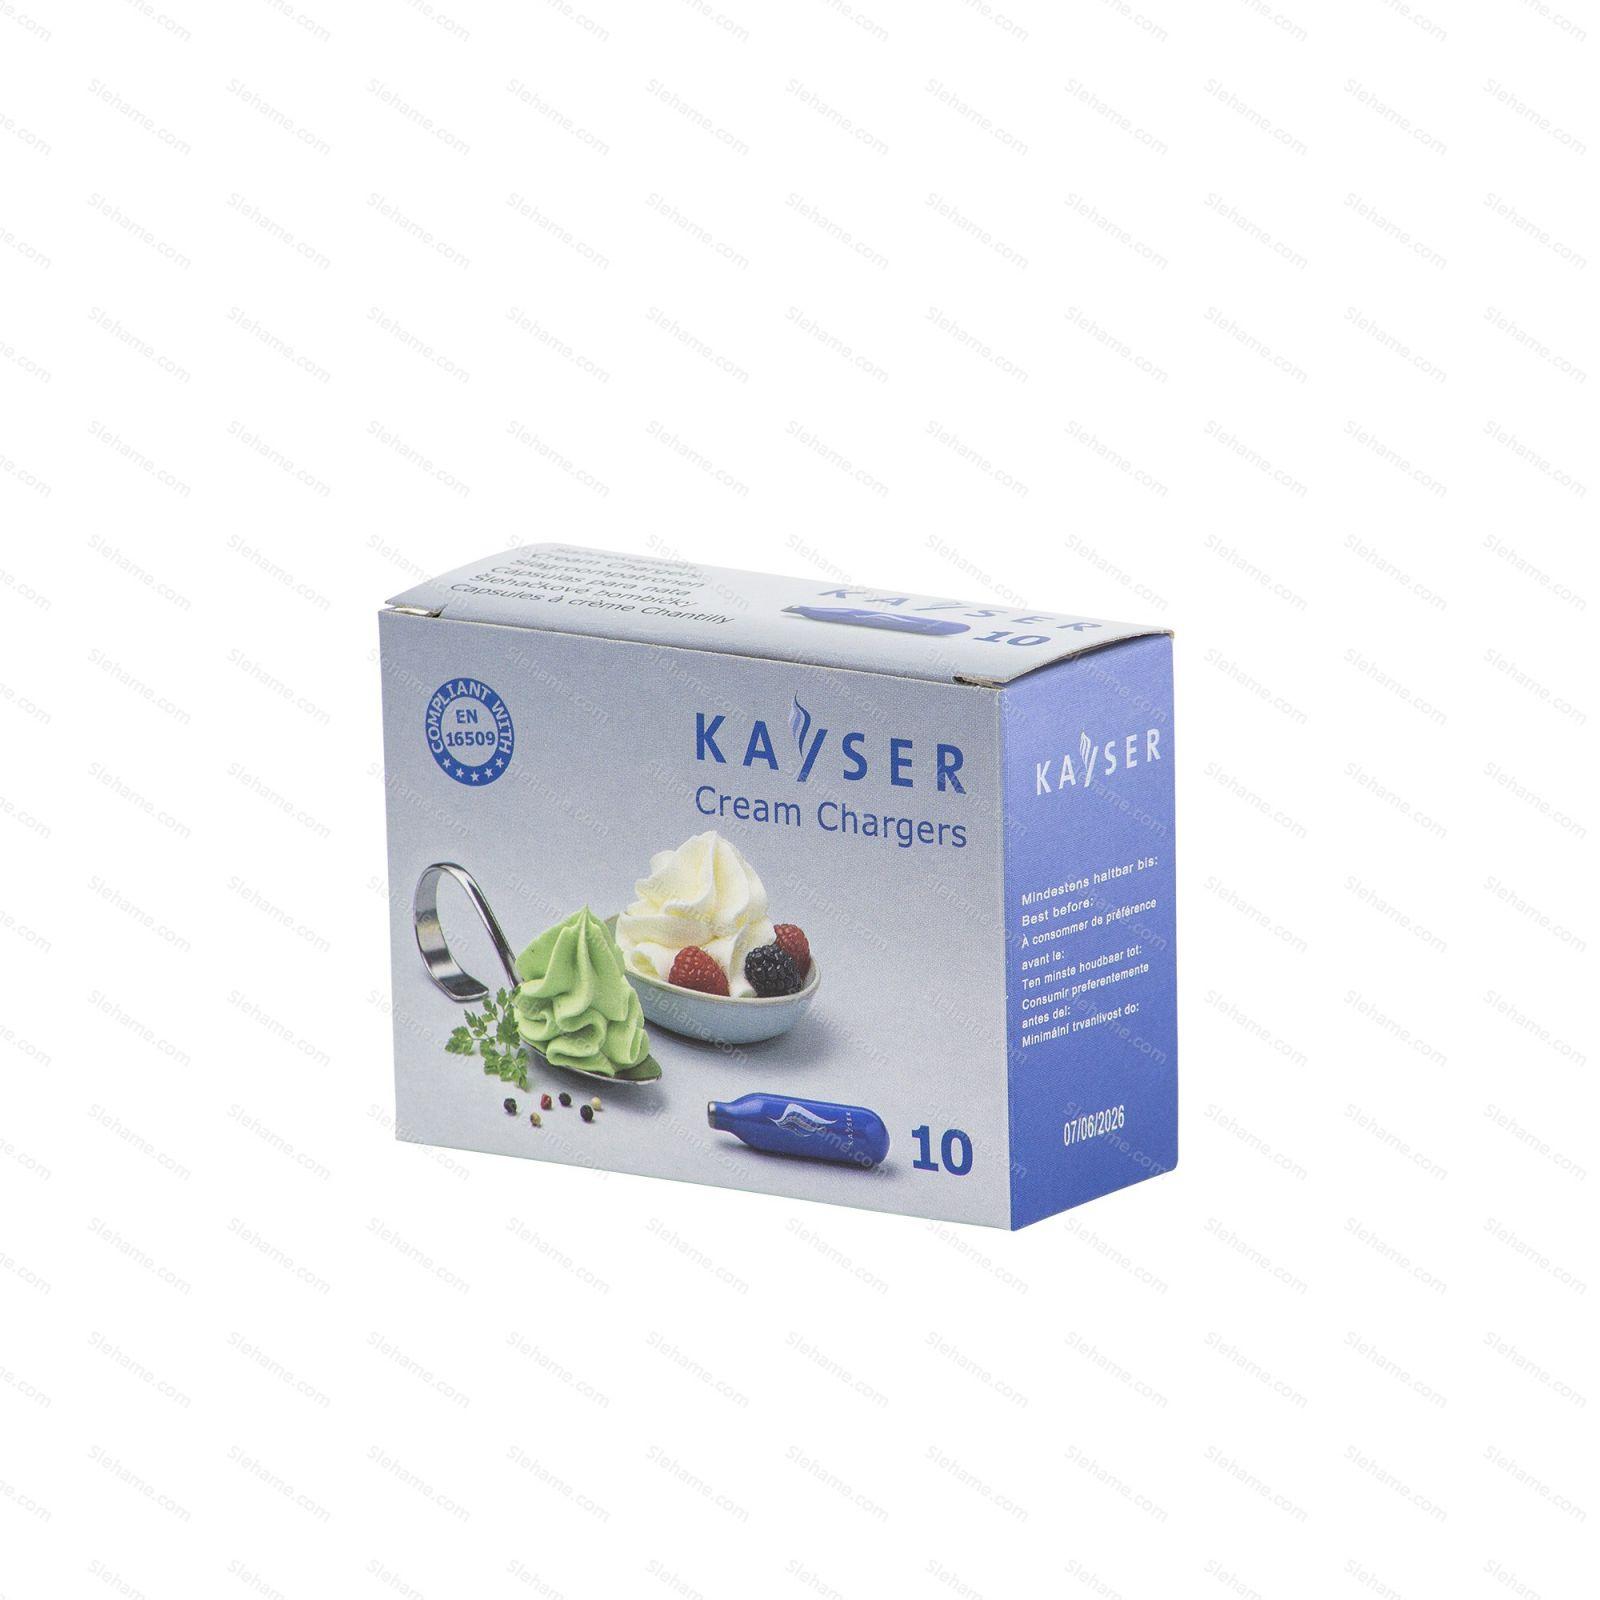 Šľahačkové bombičky Kayser 7.5 g N2O, 10 ks (na jedno použitie)